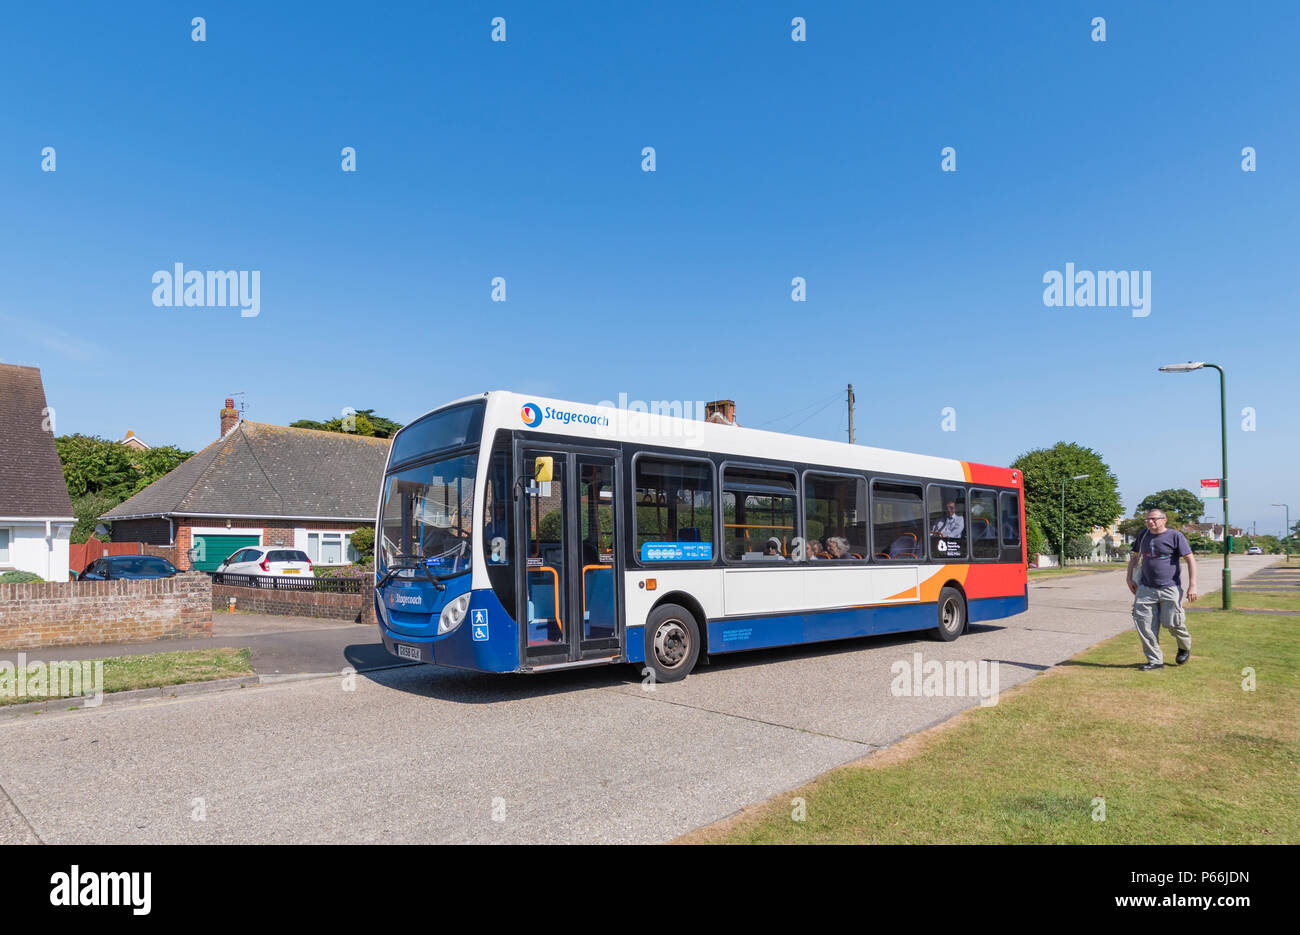 Numéro 9 de Stagecoach tablier unique bus dans un quartier résidentiel de la ville de Norfolk Arms, West Sussex, Angleterre, Royaume-Uni. Banque D'Images